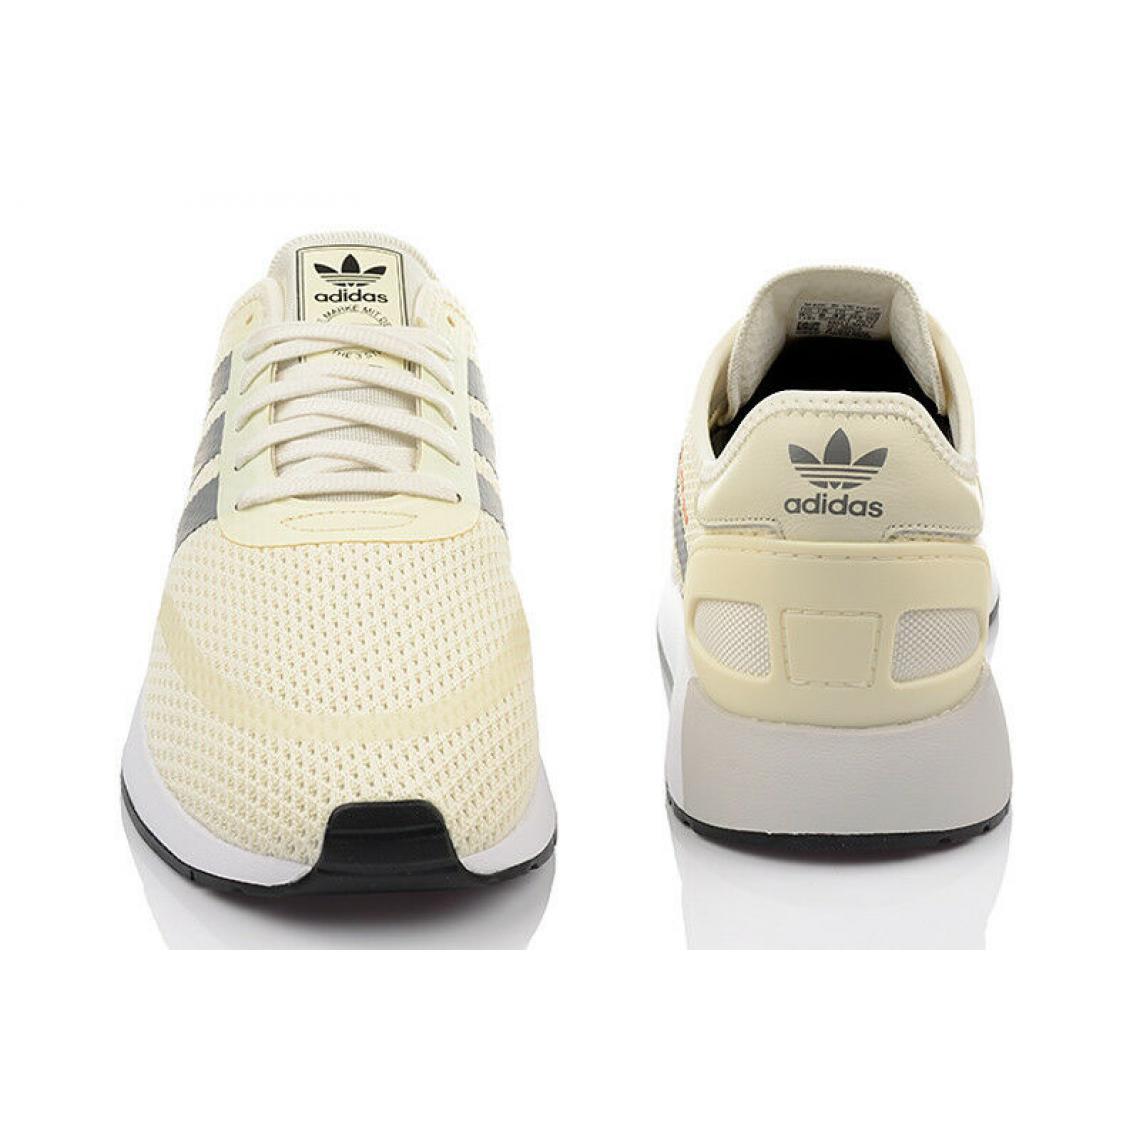 N 5923 adidas Originals